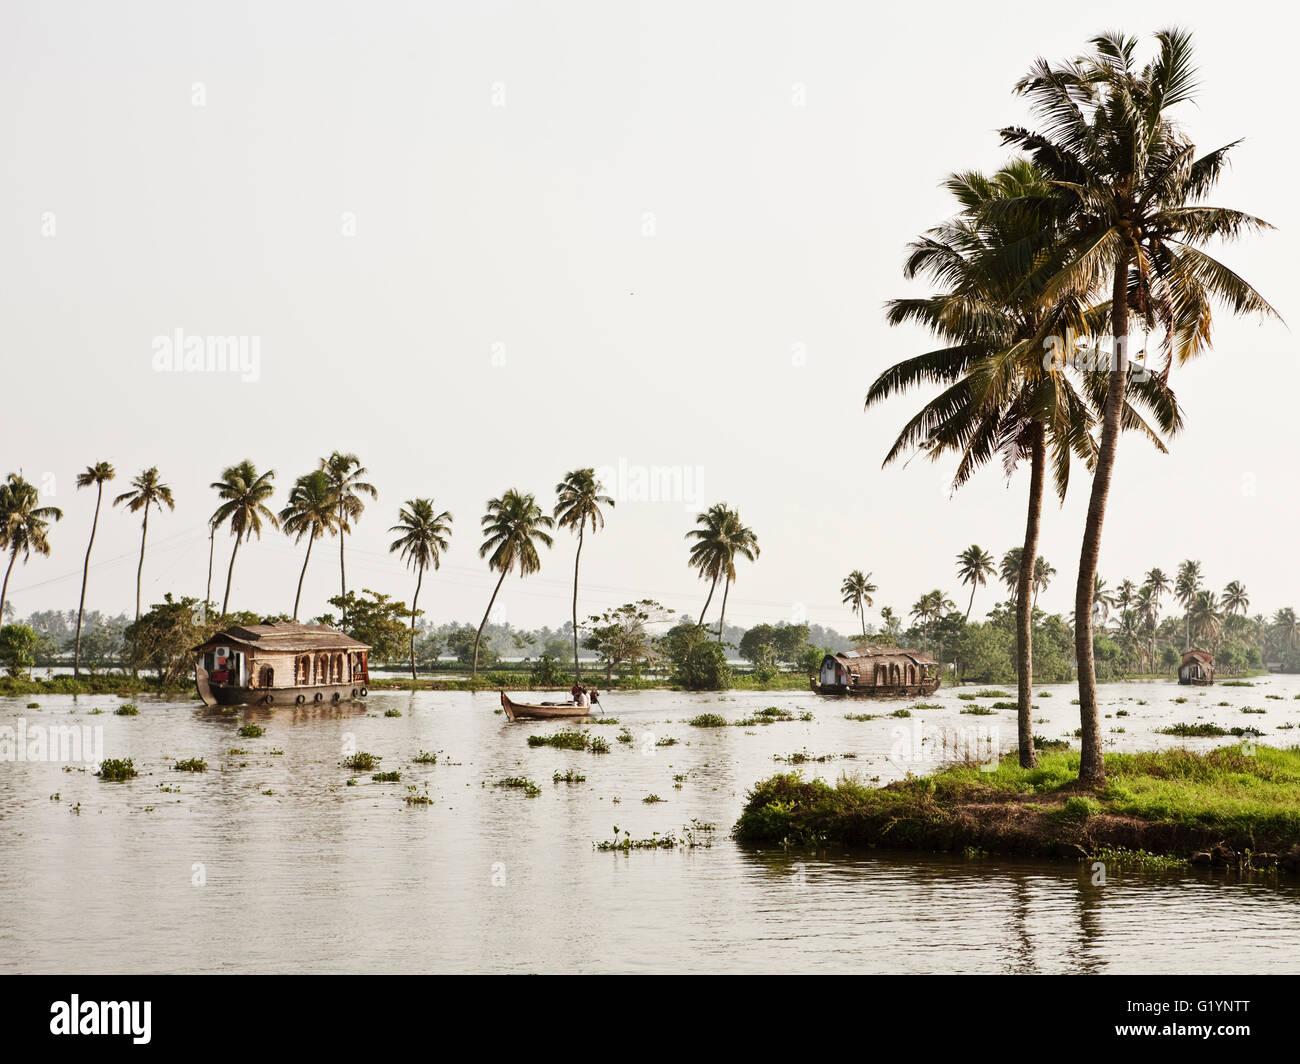 Casas flotantes a lo largo de un canal en los remansos de Kerala.La India Imagen De Stock